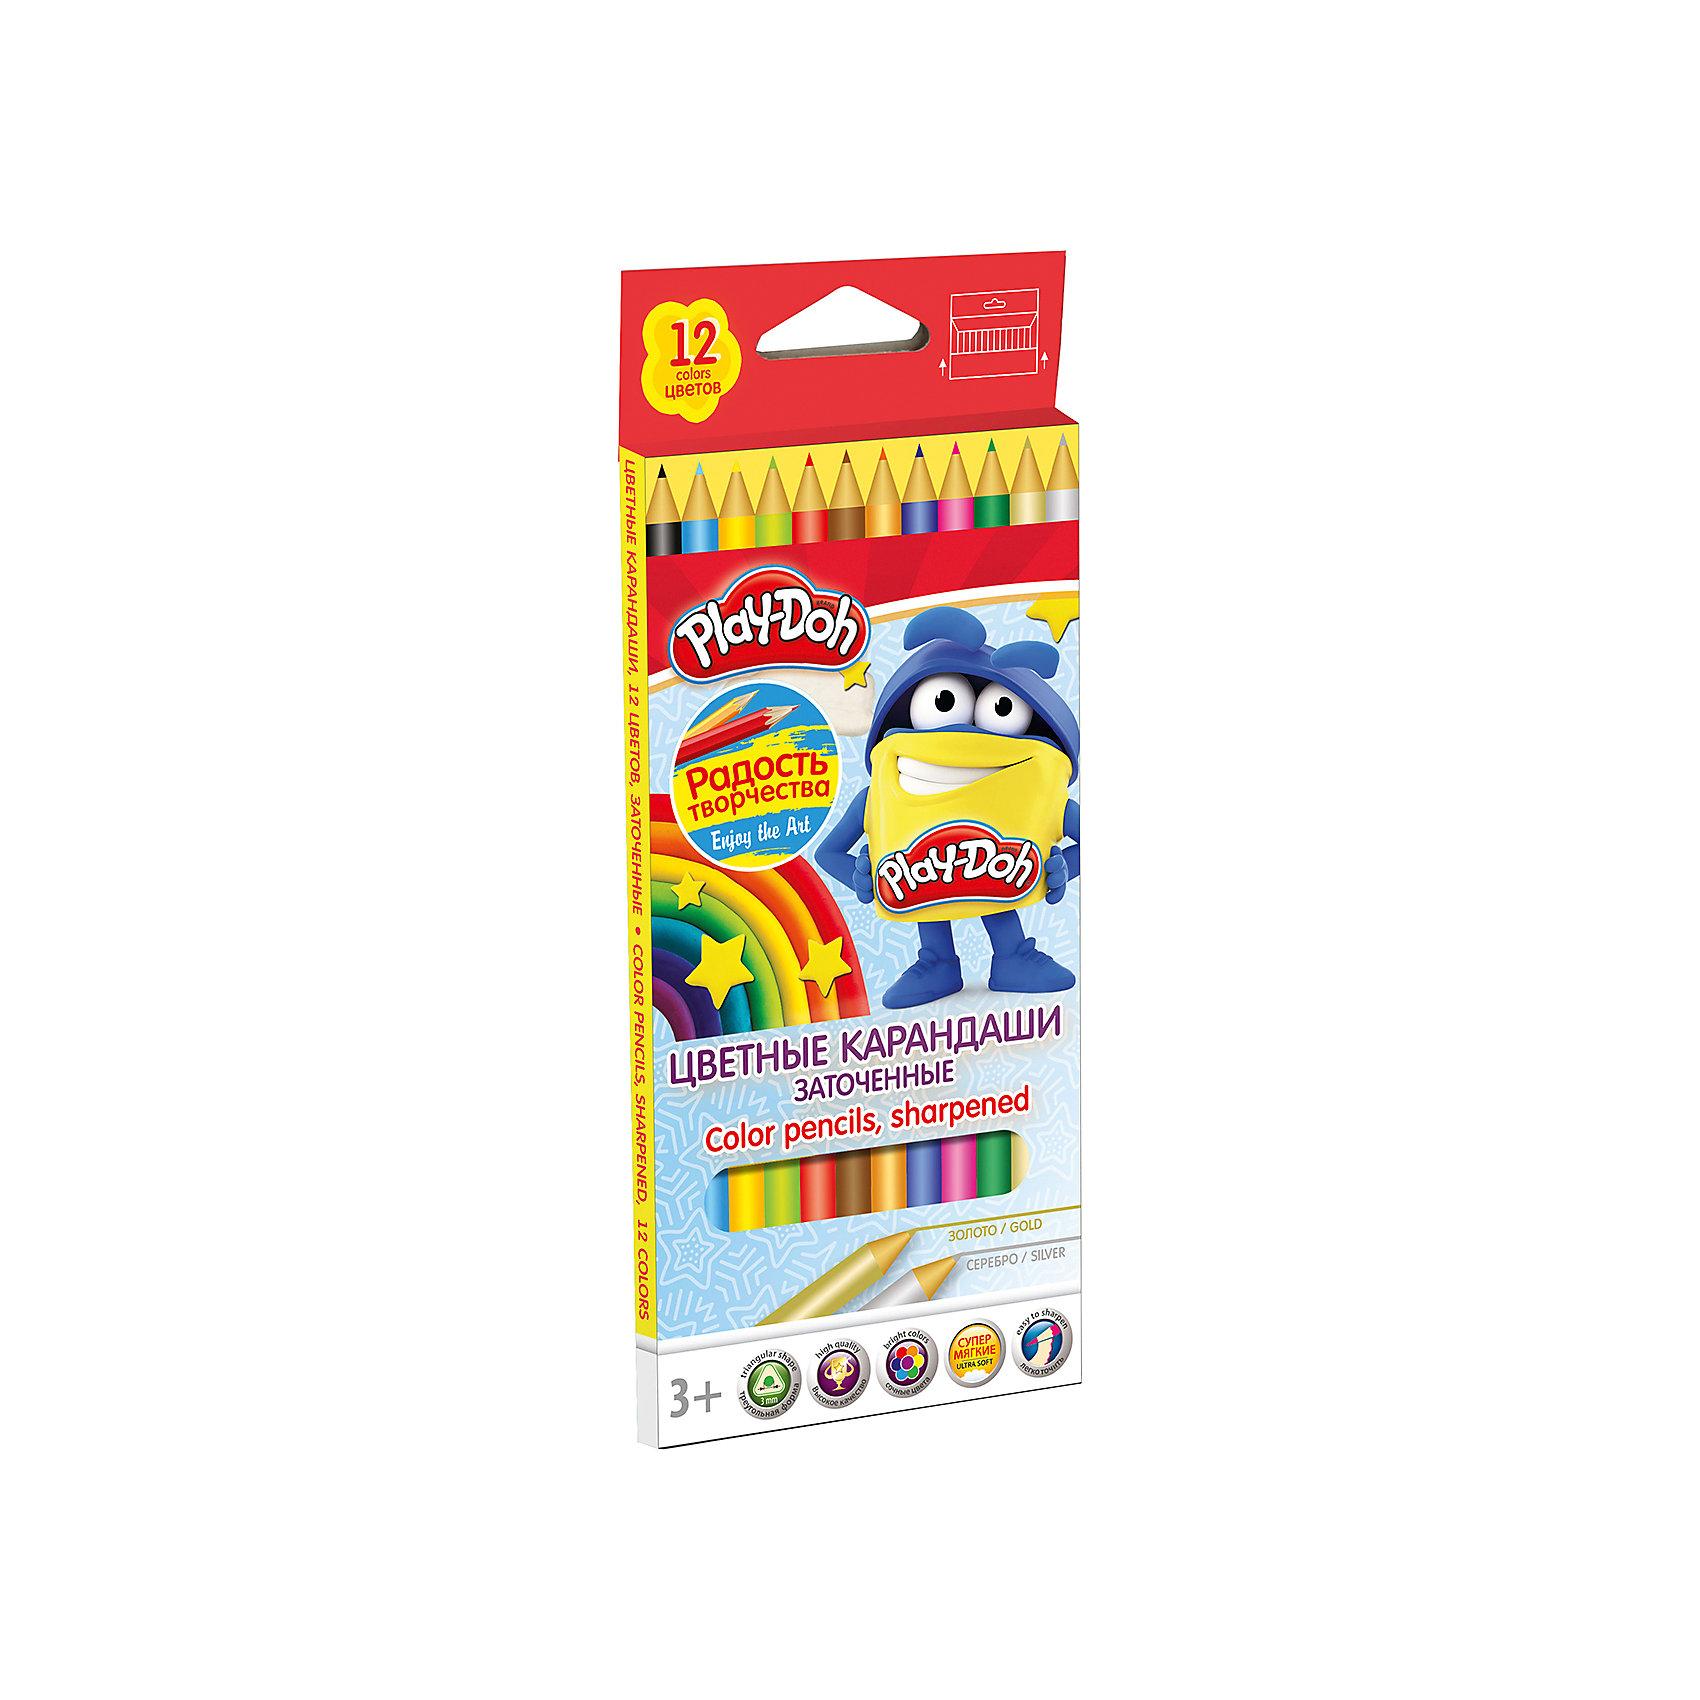 Академия групп Цветные карандаши 12 цветов, Play-Doh